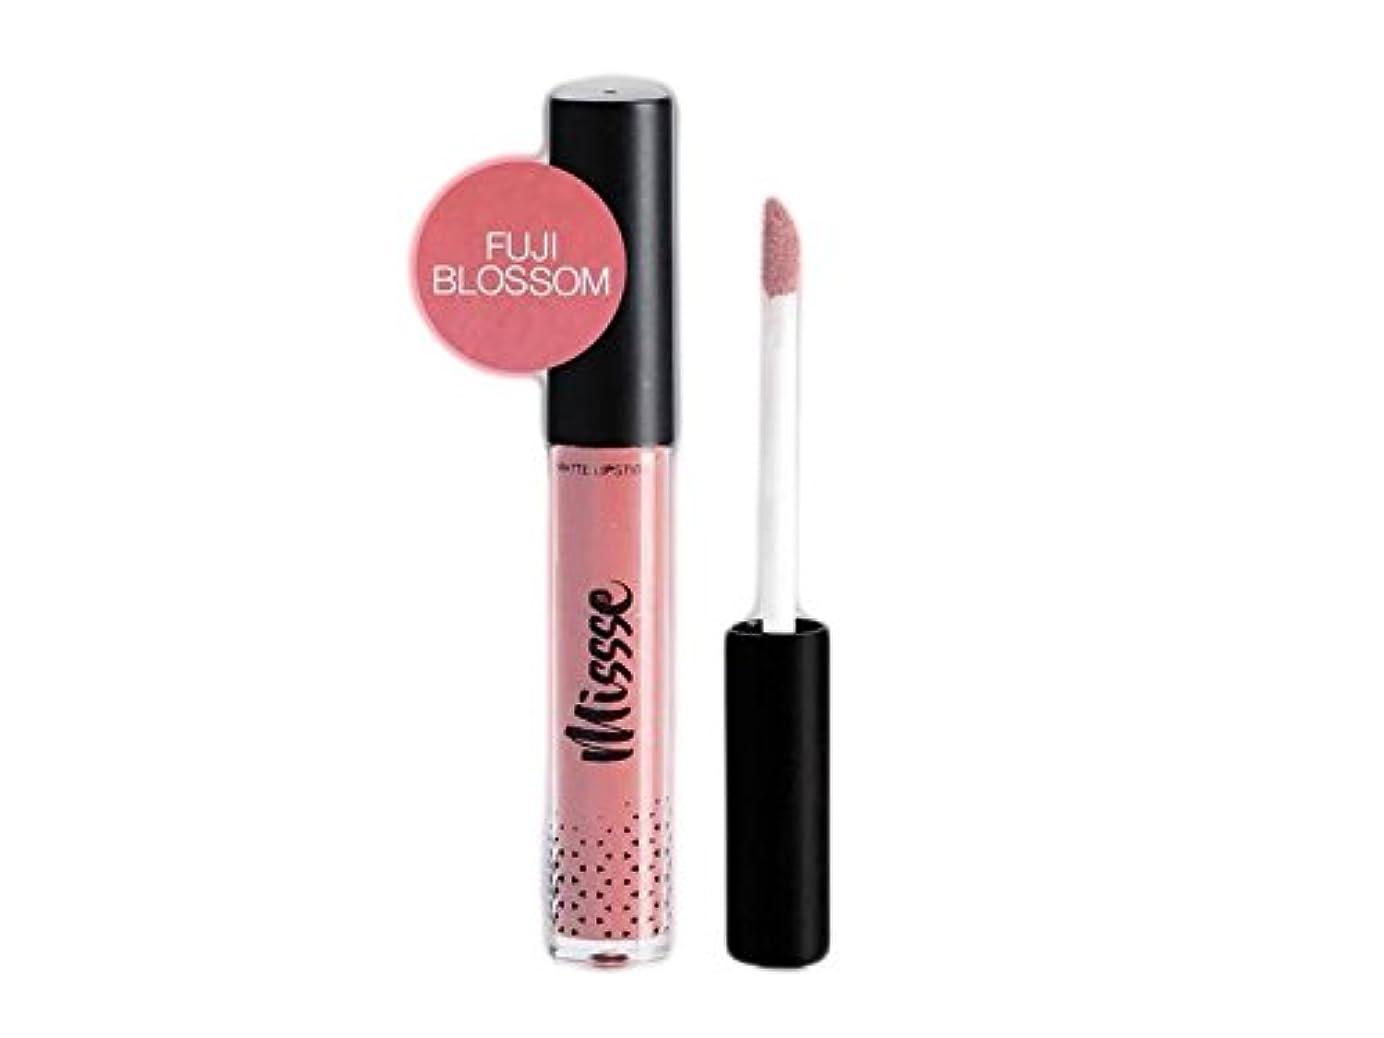 参照する正しい服を洗うMissse Matte Liquid Lipstick - Fuji Blossom Color